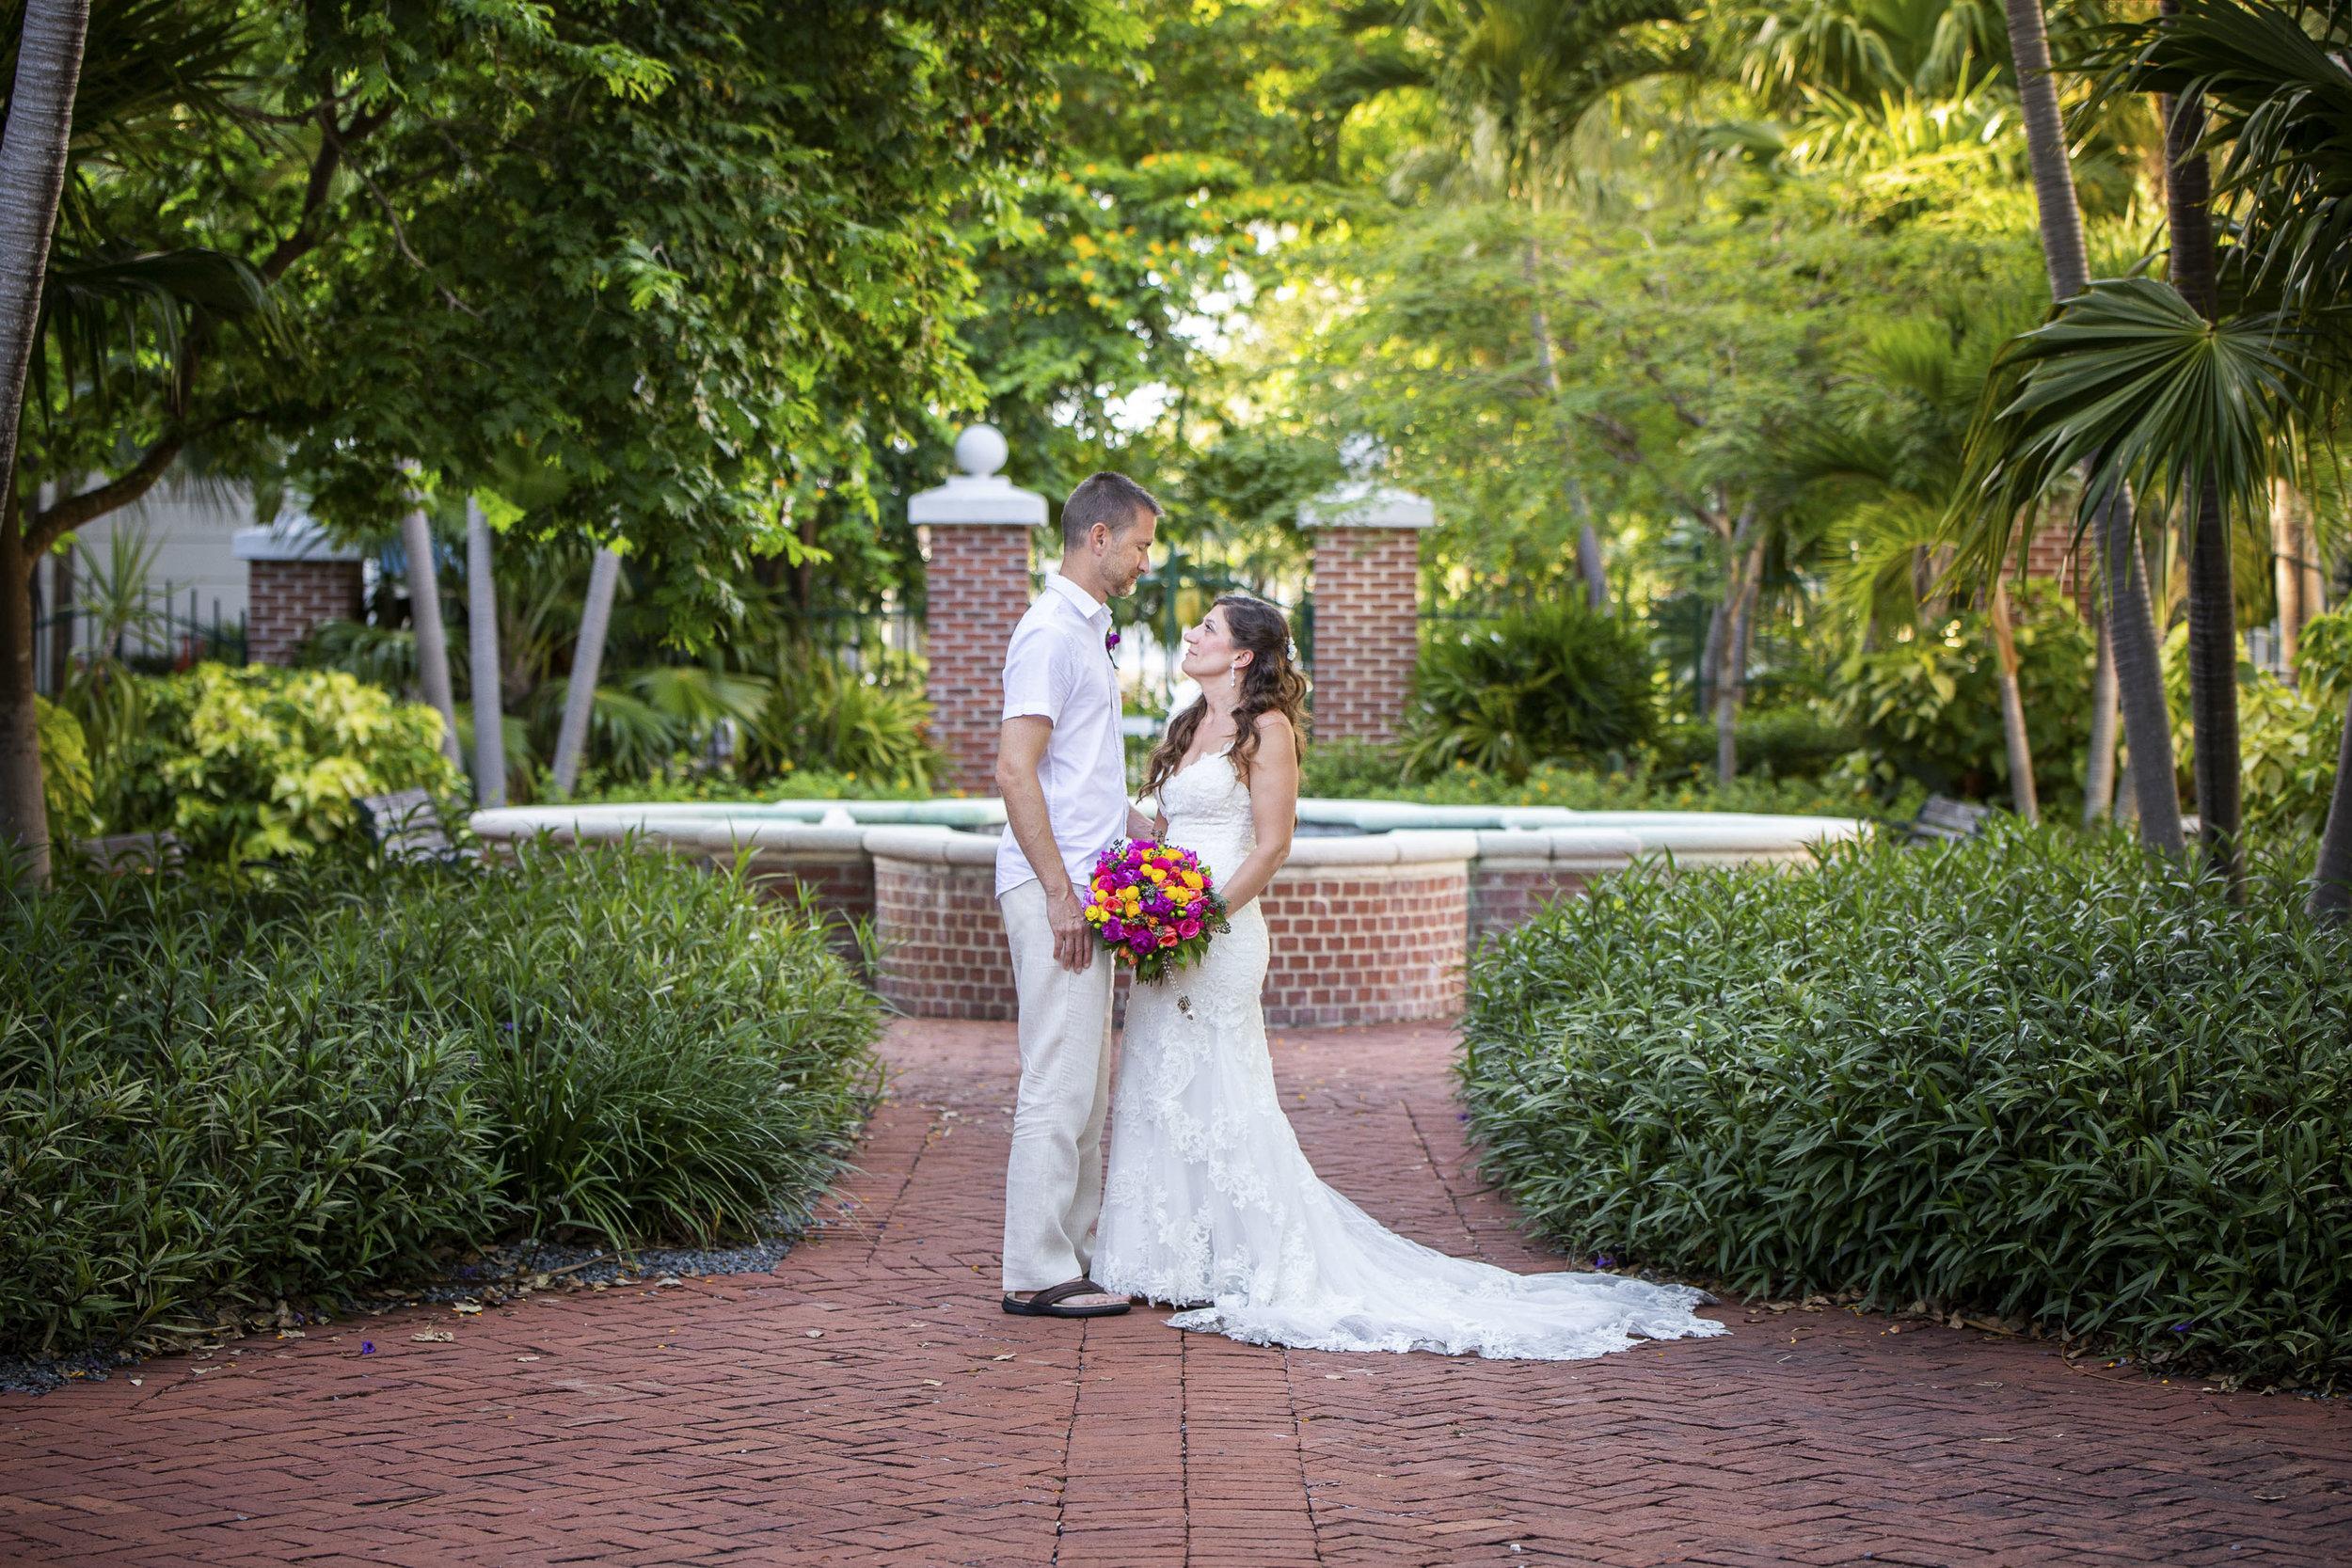 Wedding photos in Truman Annex in Key West